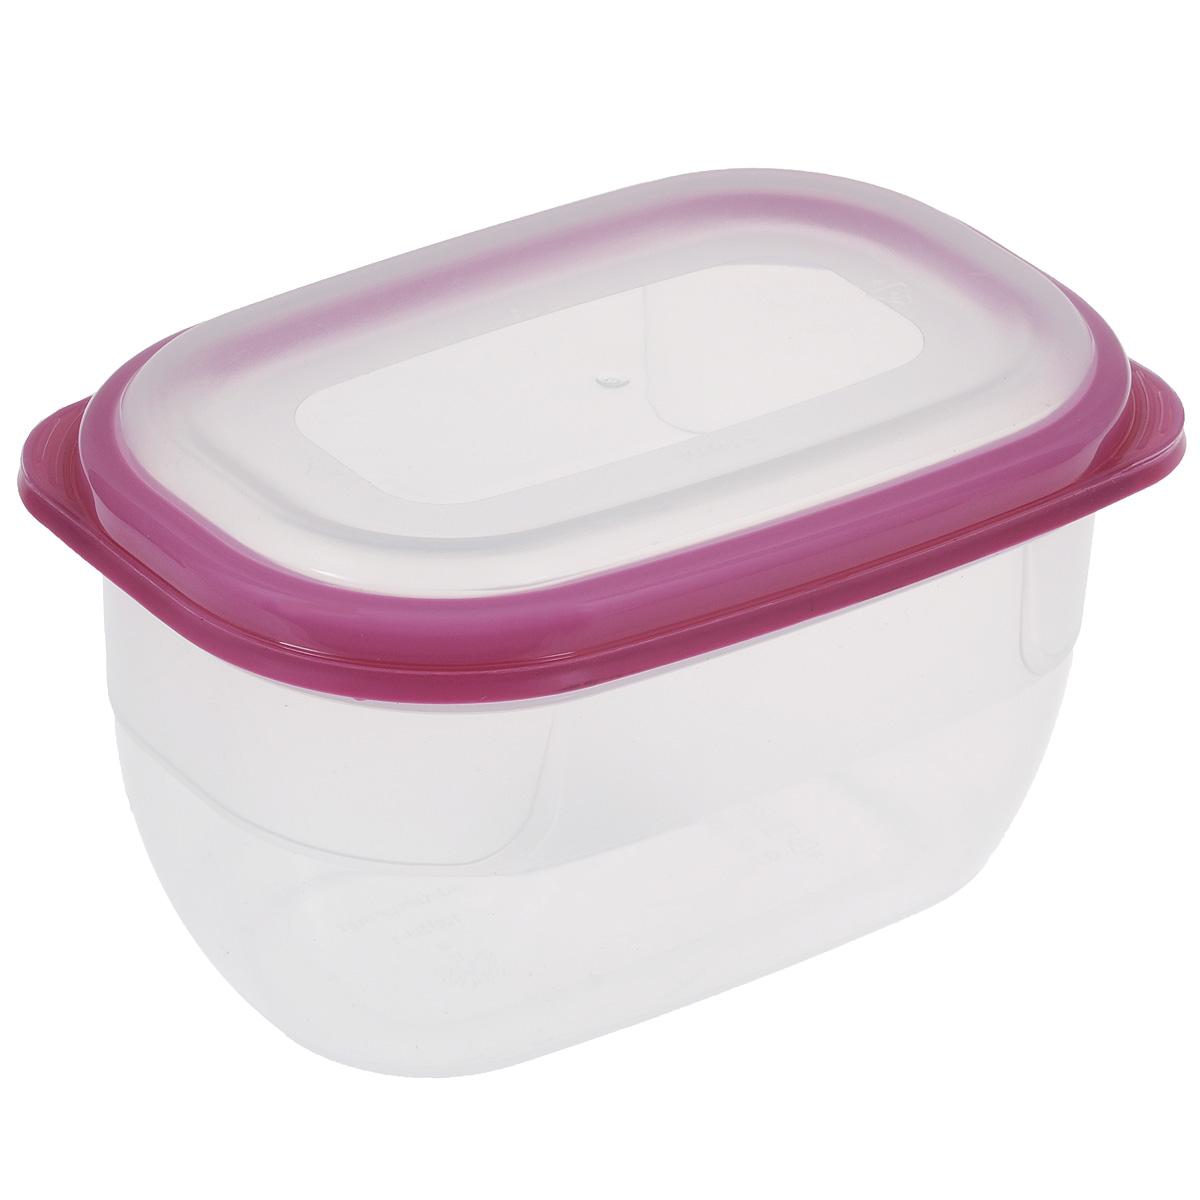 Контейнер для СВЧ Полимербыт Премиум, цвет: прозрачный, розовый, 750 мл контейнер полимербыт лок декор 750 мл